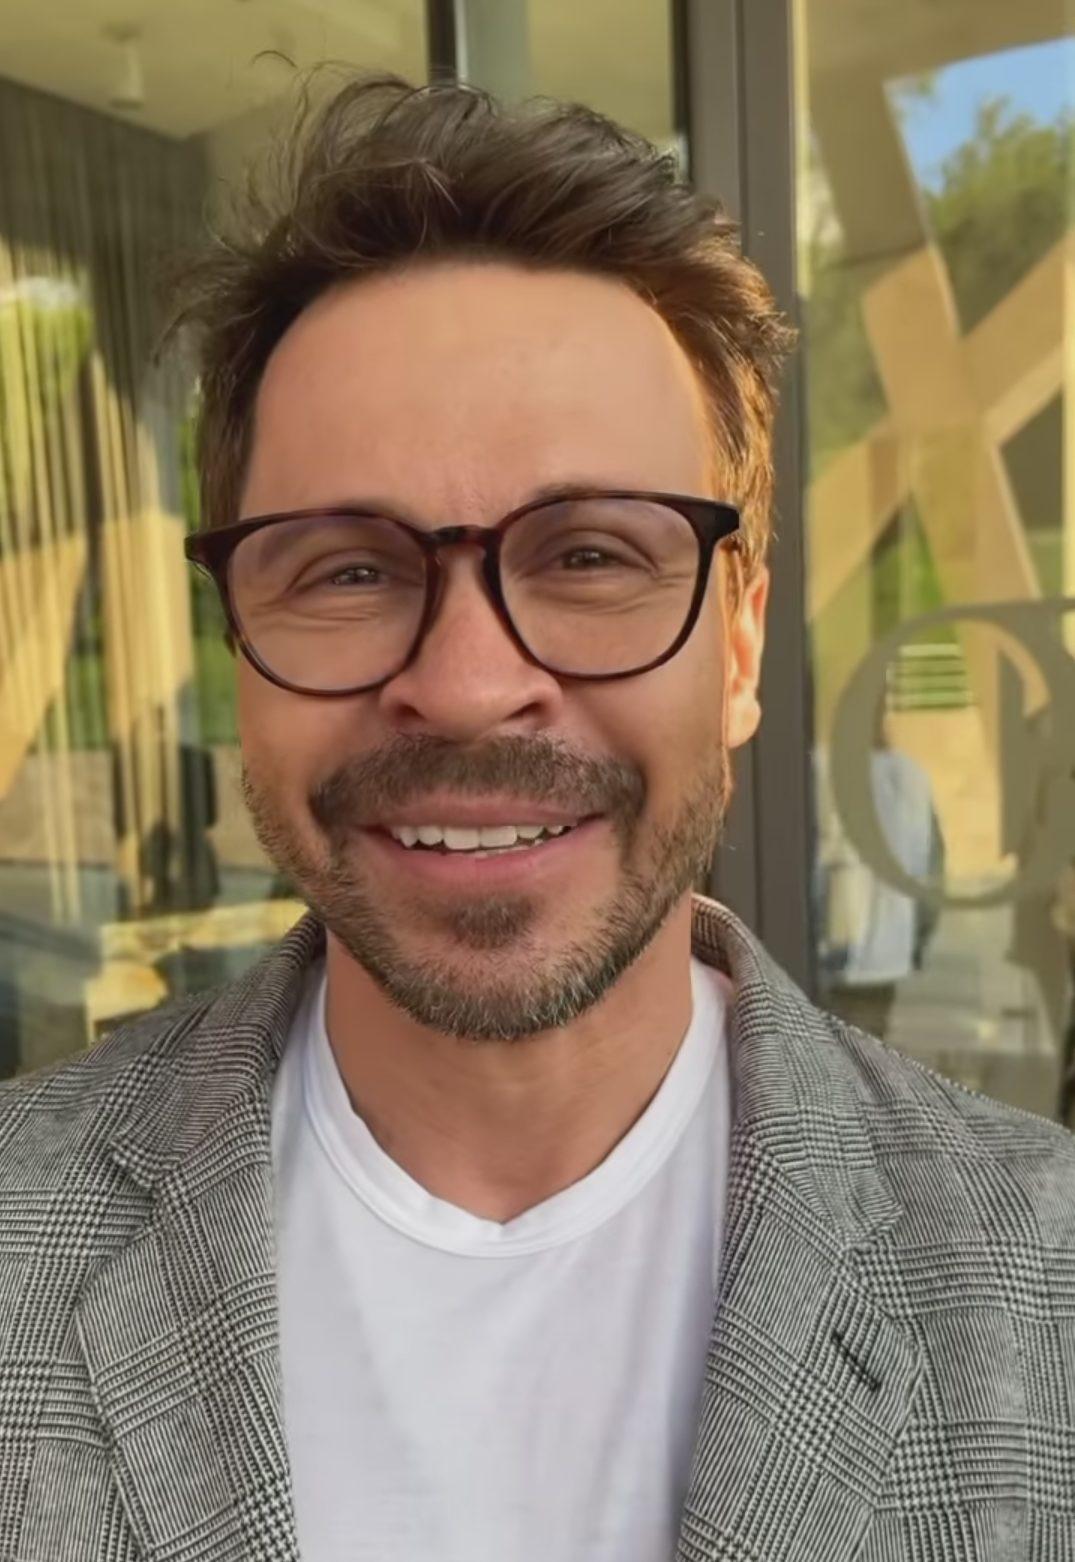 Павел Деревянко. Фото: Instagram